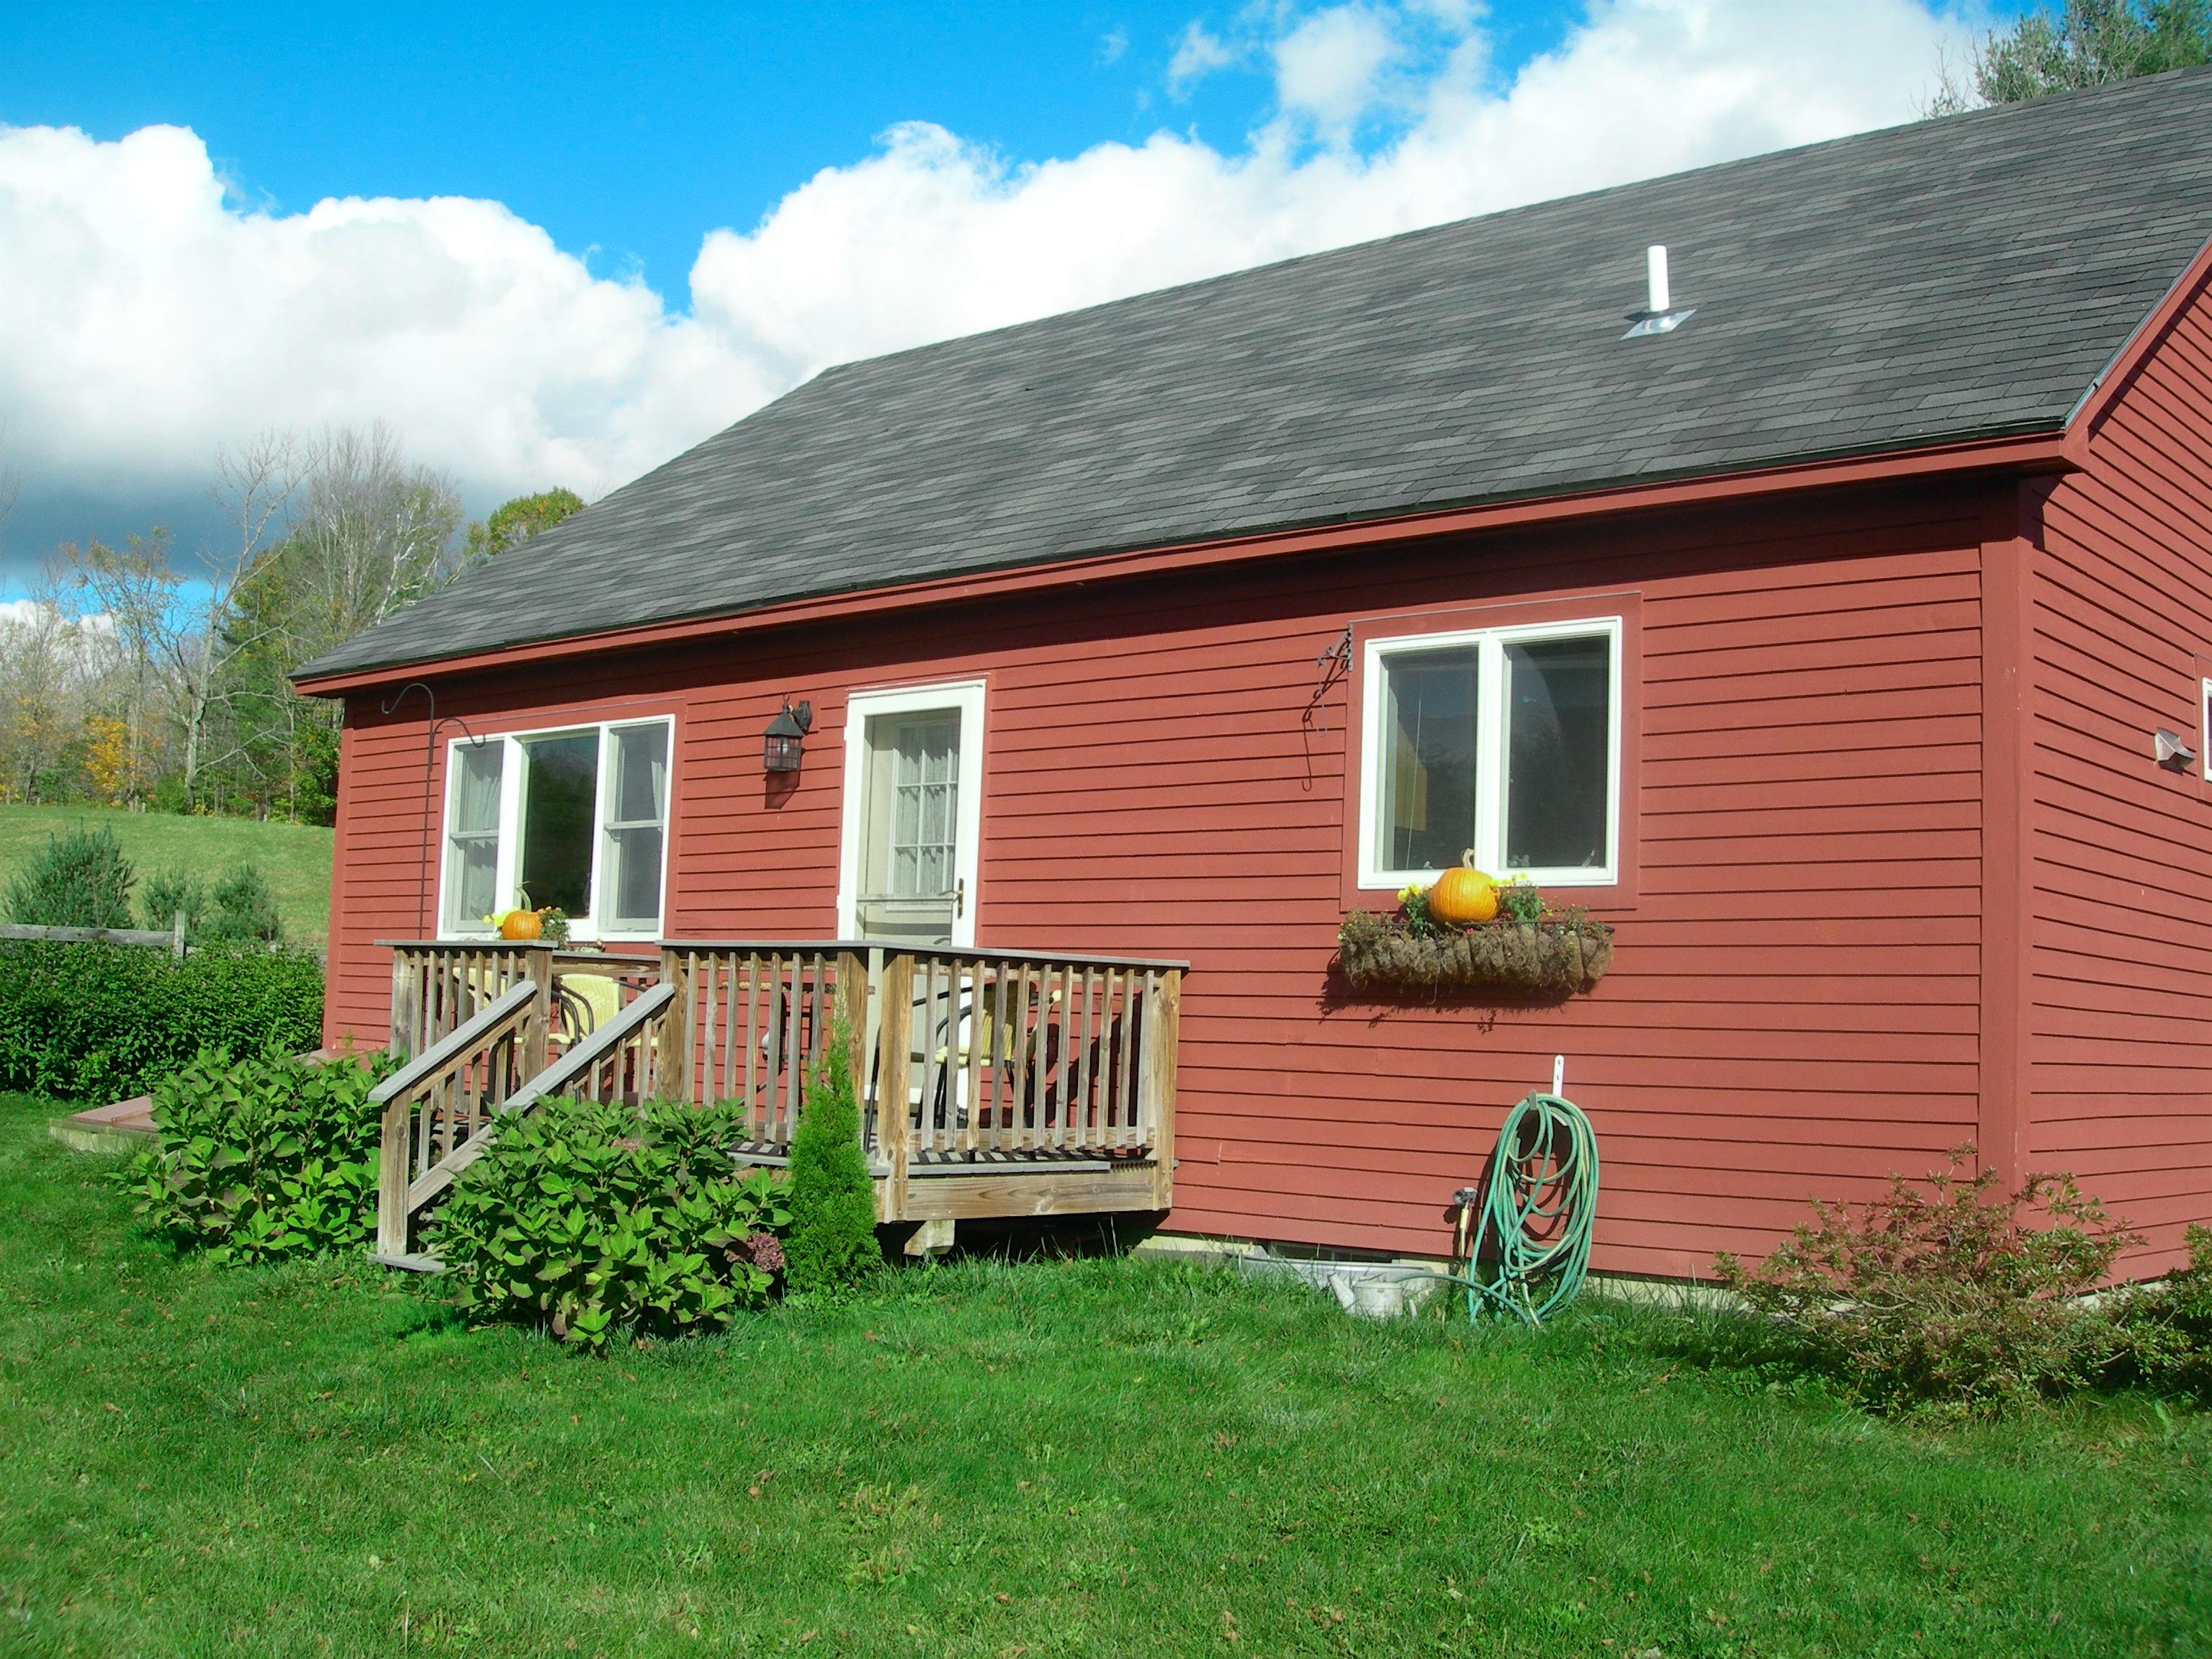 Elm View Cottage